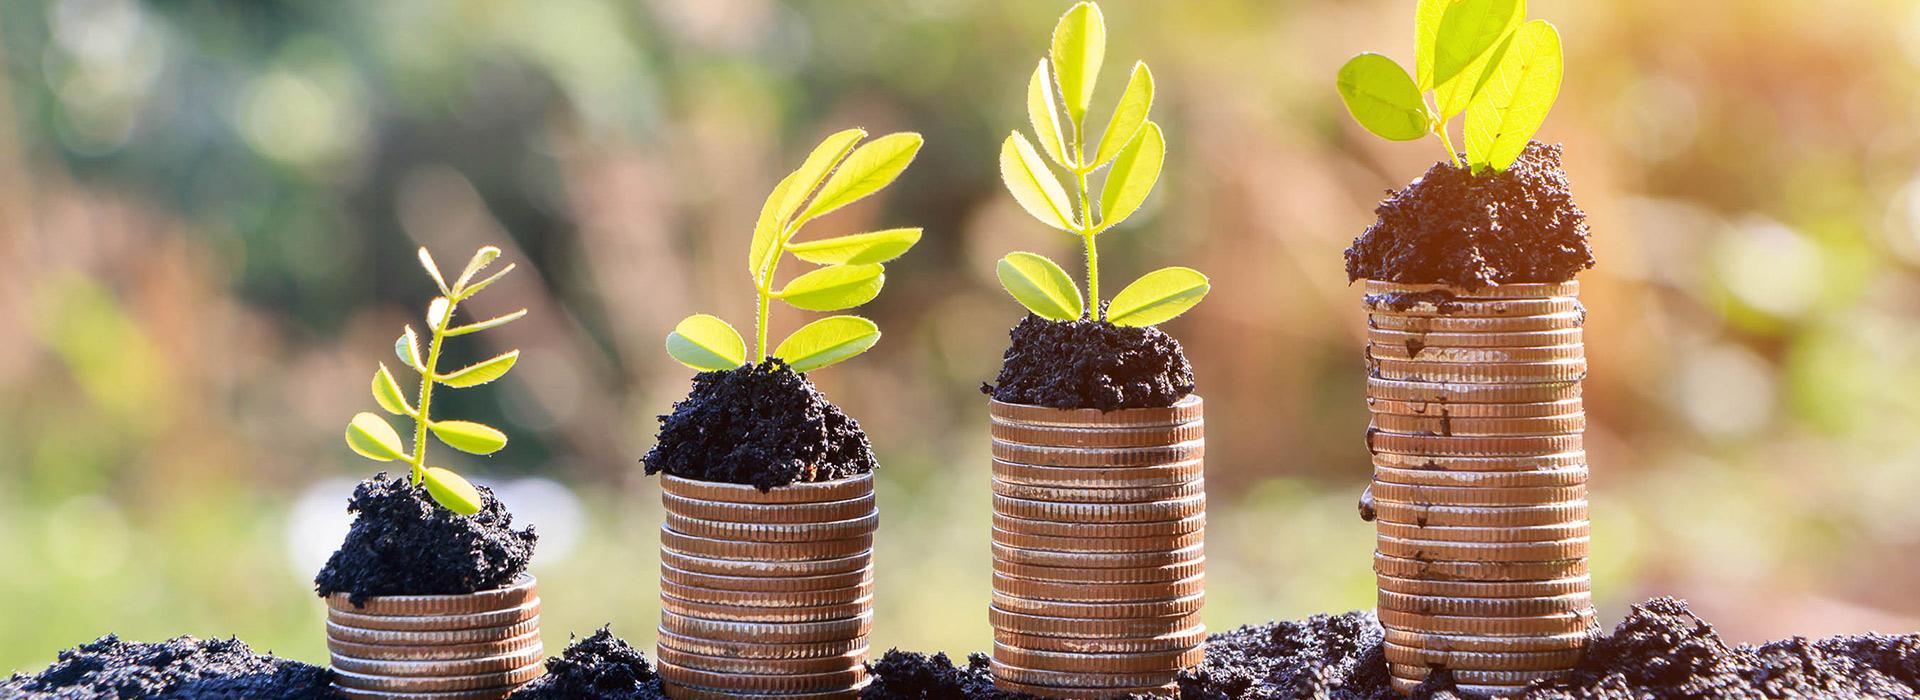 談投資理財 別小看複利的力量